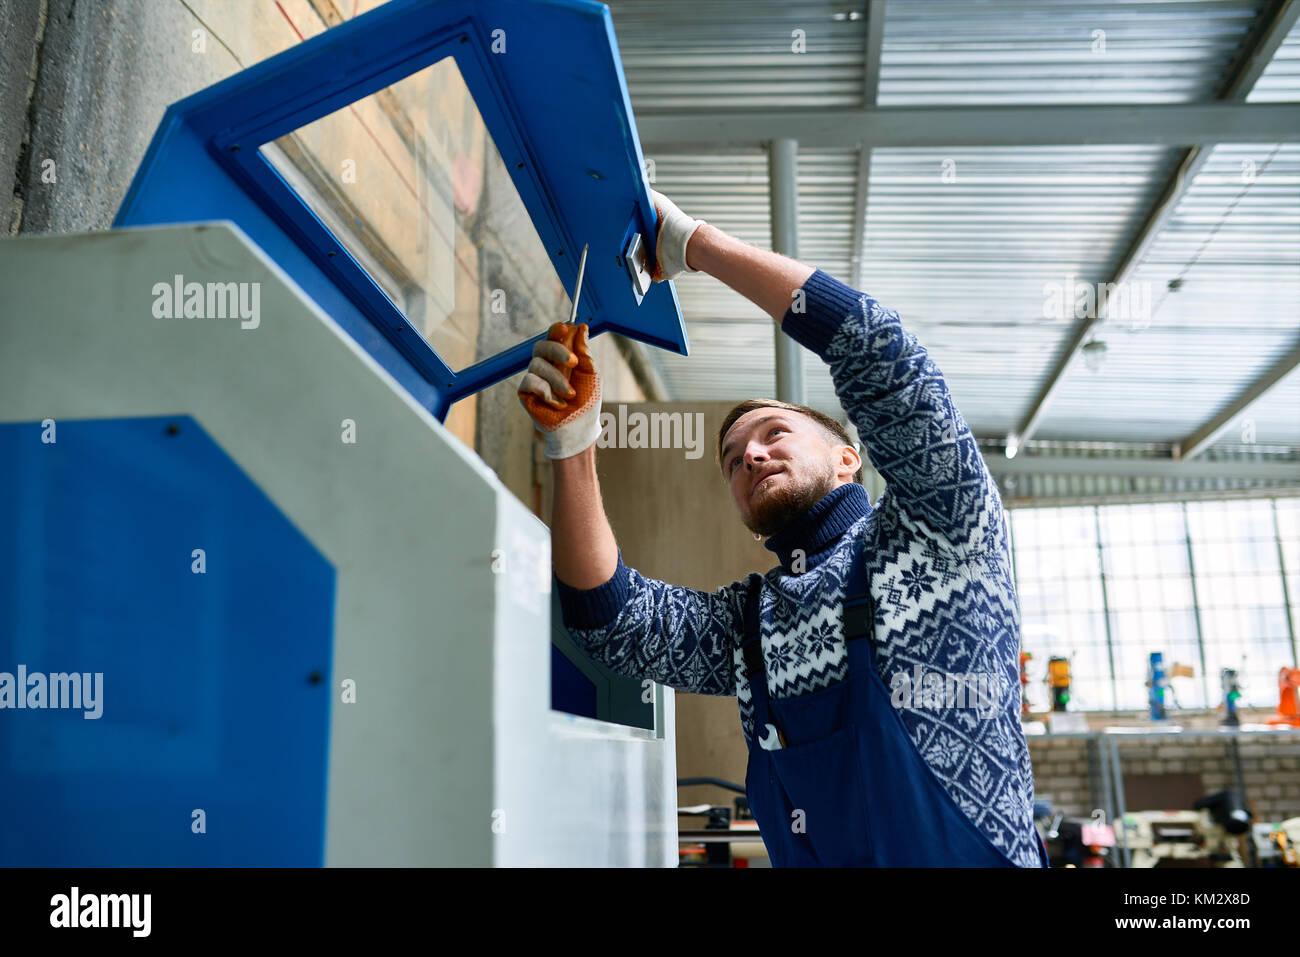 El hombre la fijación de unidades de la máquina en la fábrica Imagen De Stock